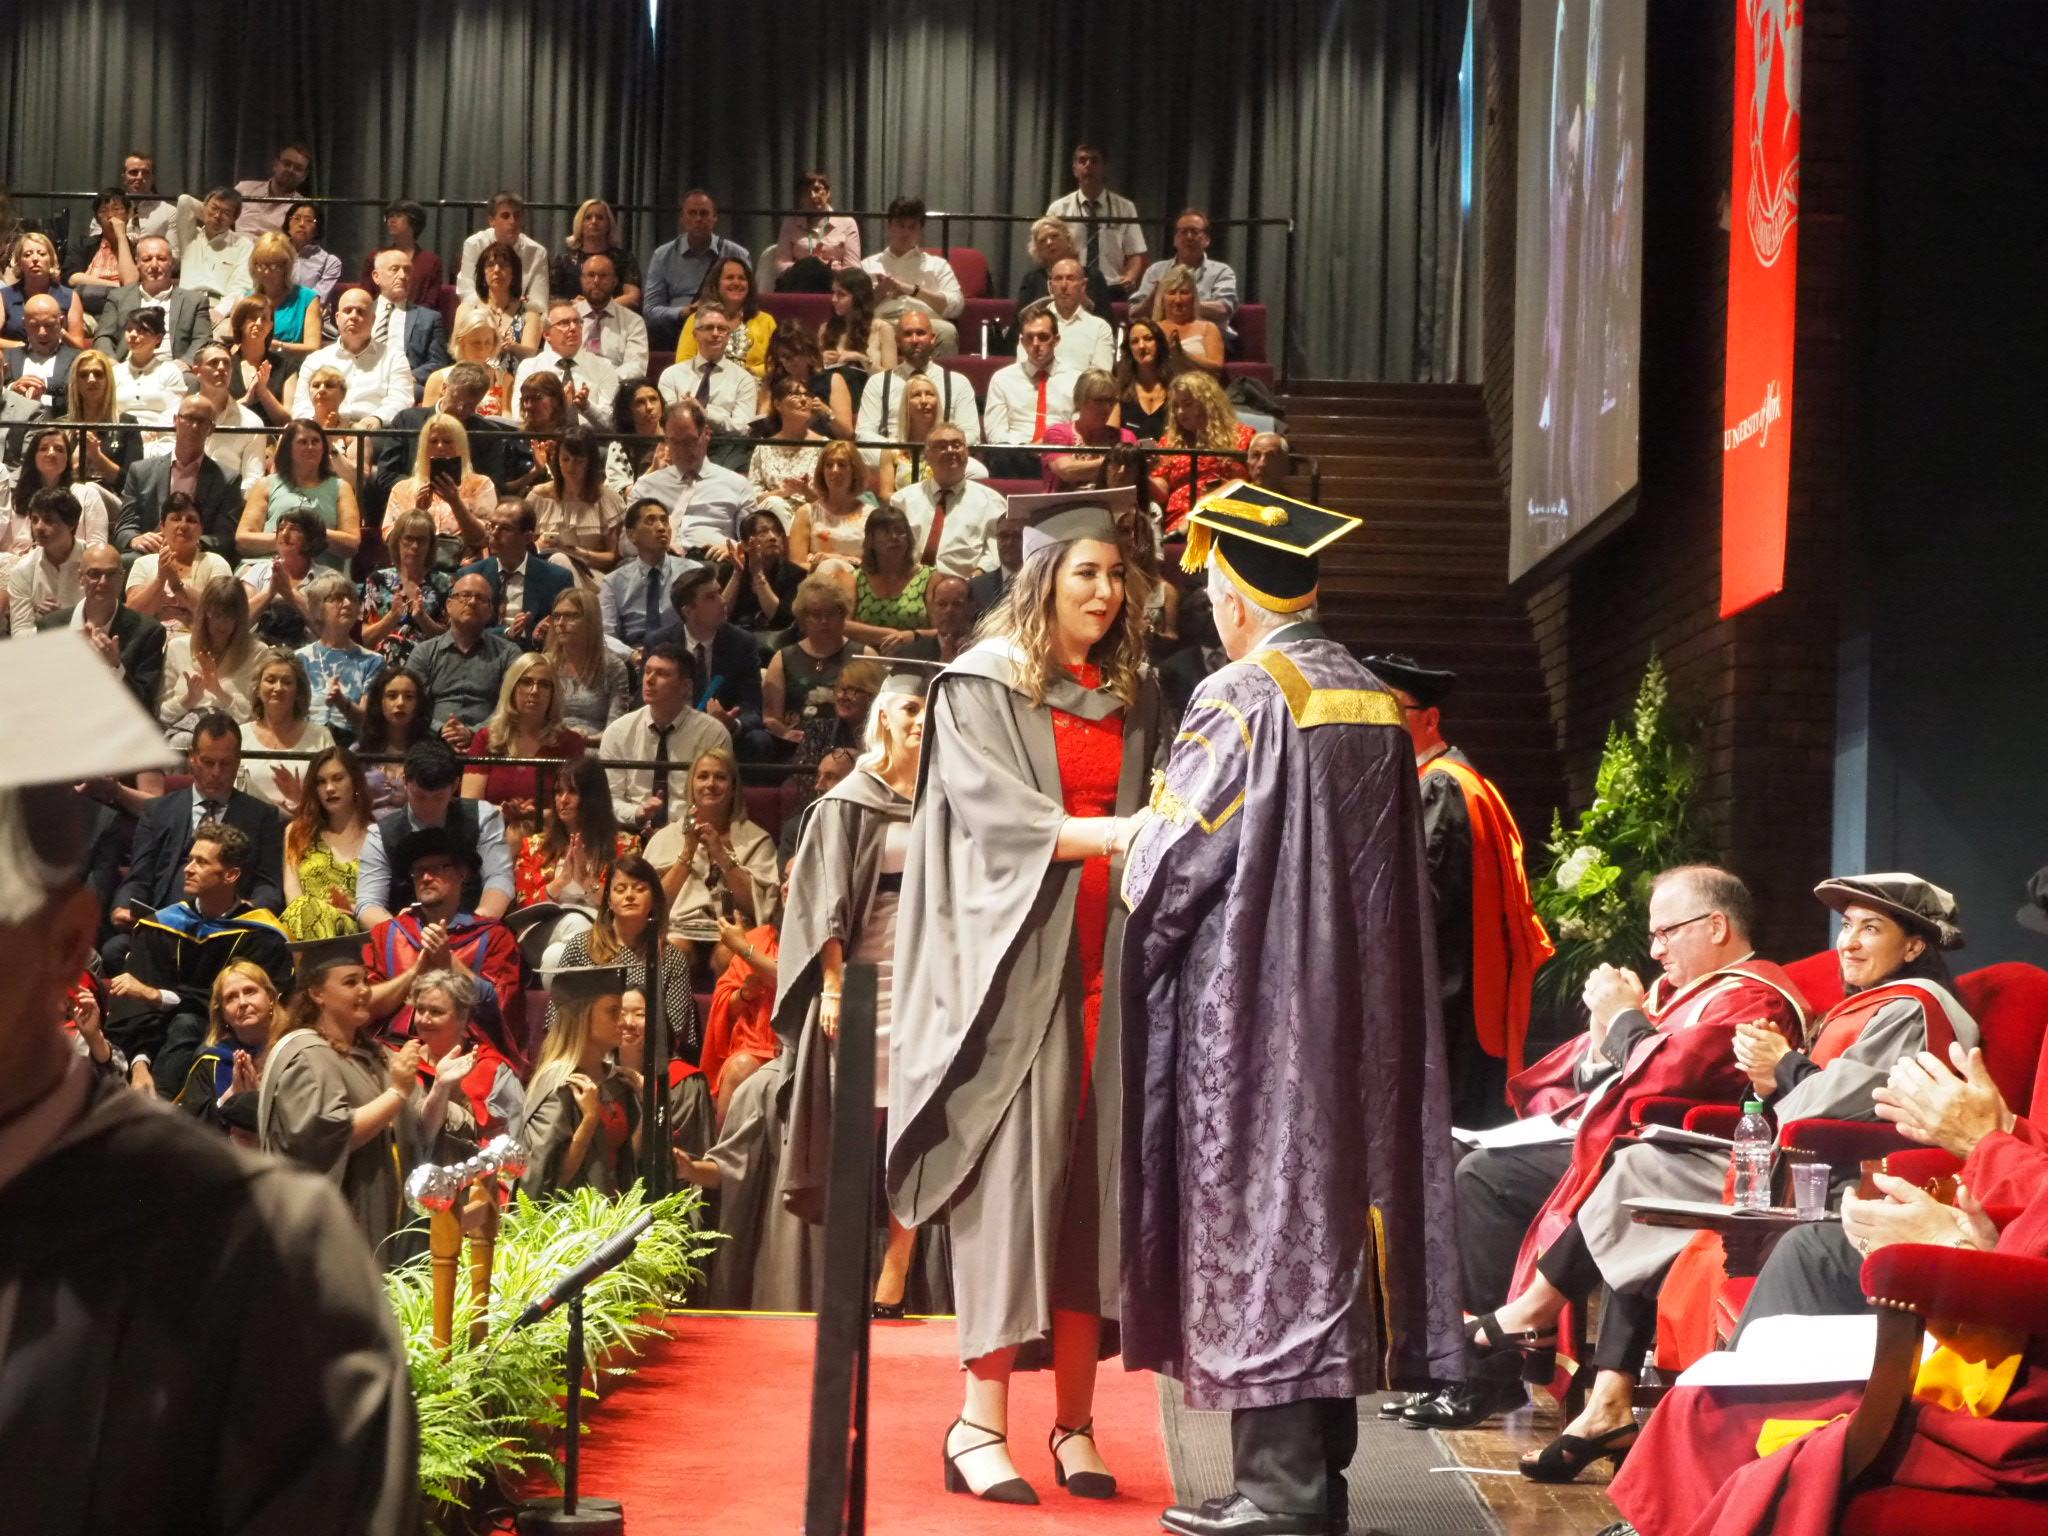 me graduating on stage